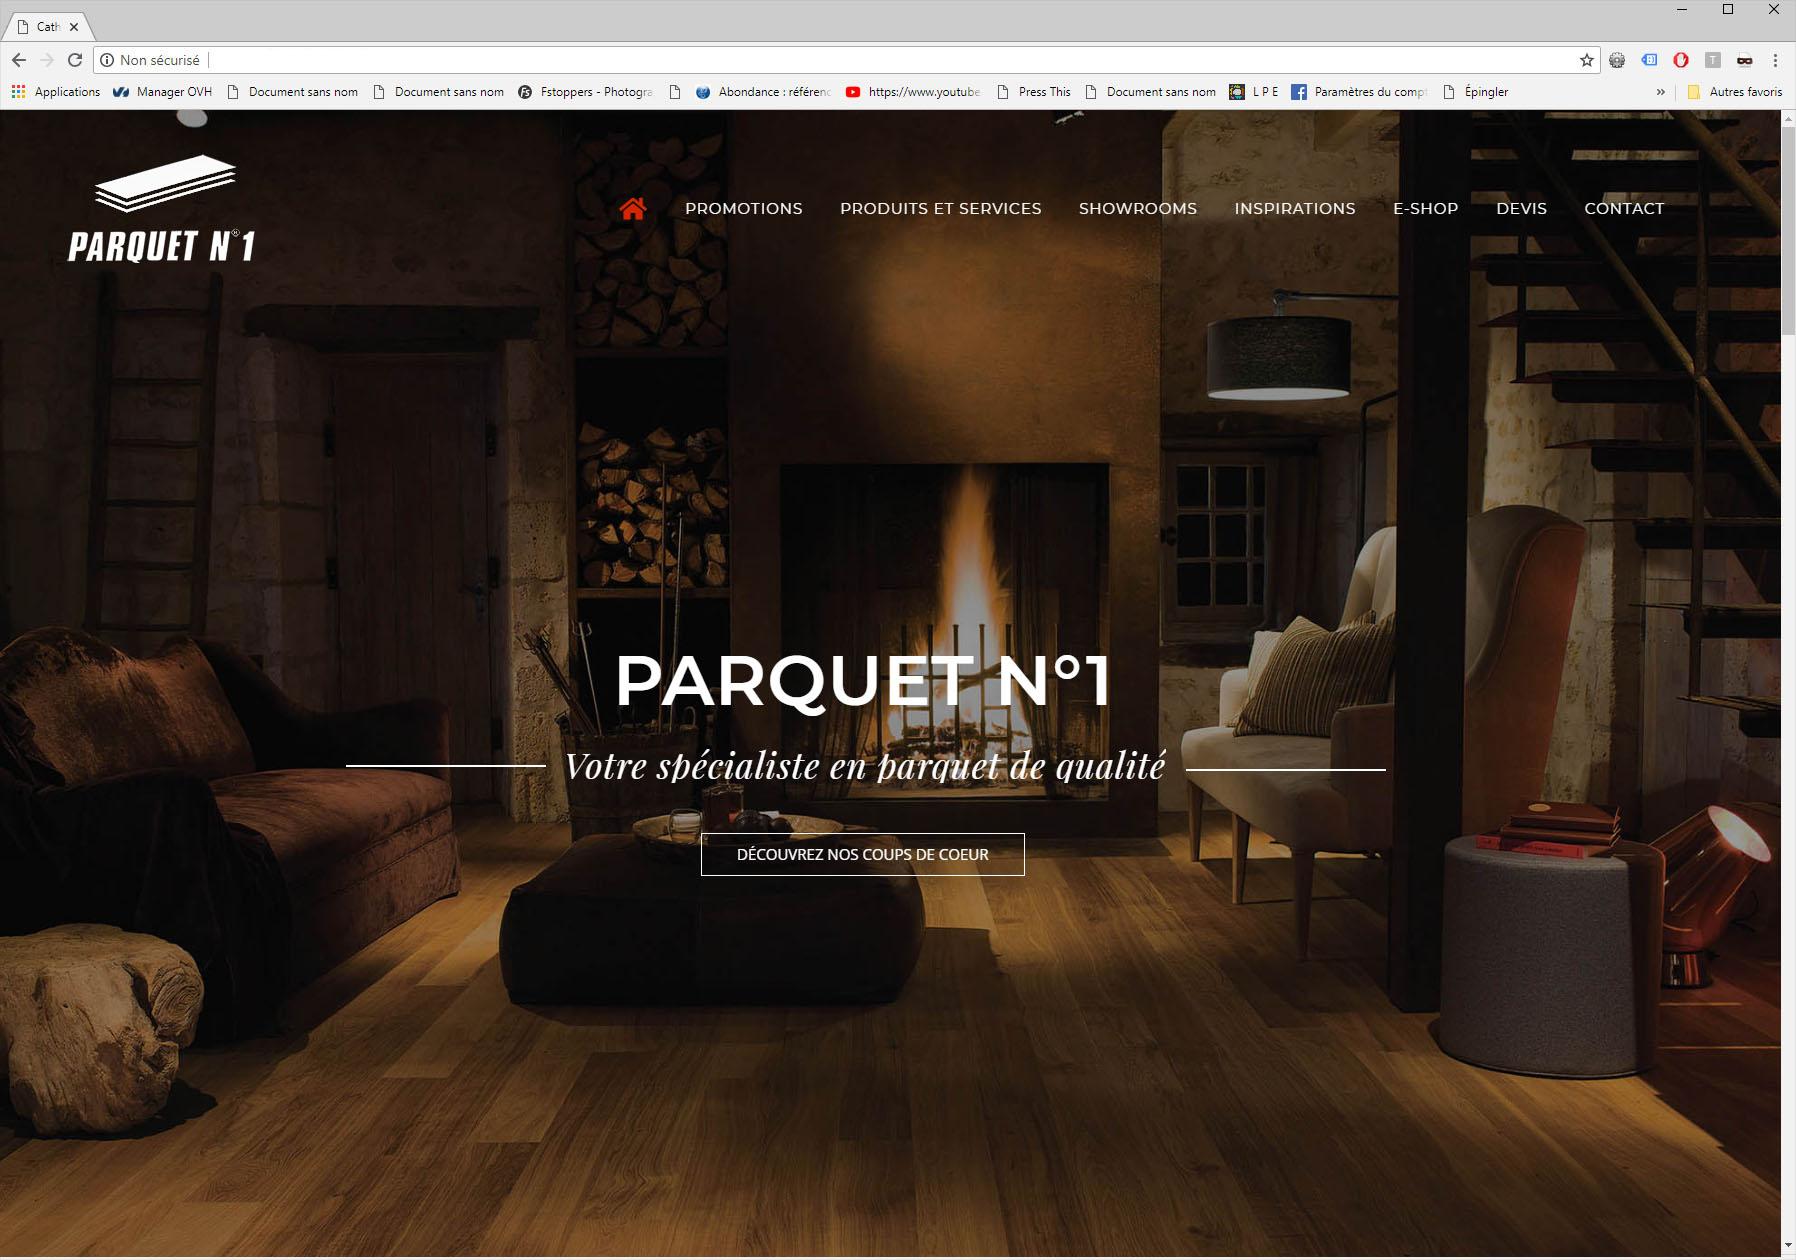 cr u00e9ation du site internet parquet n u00b01